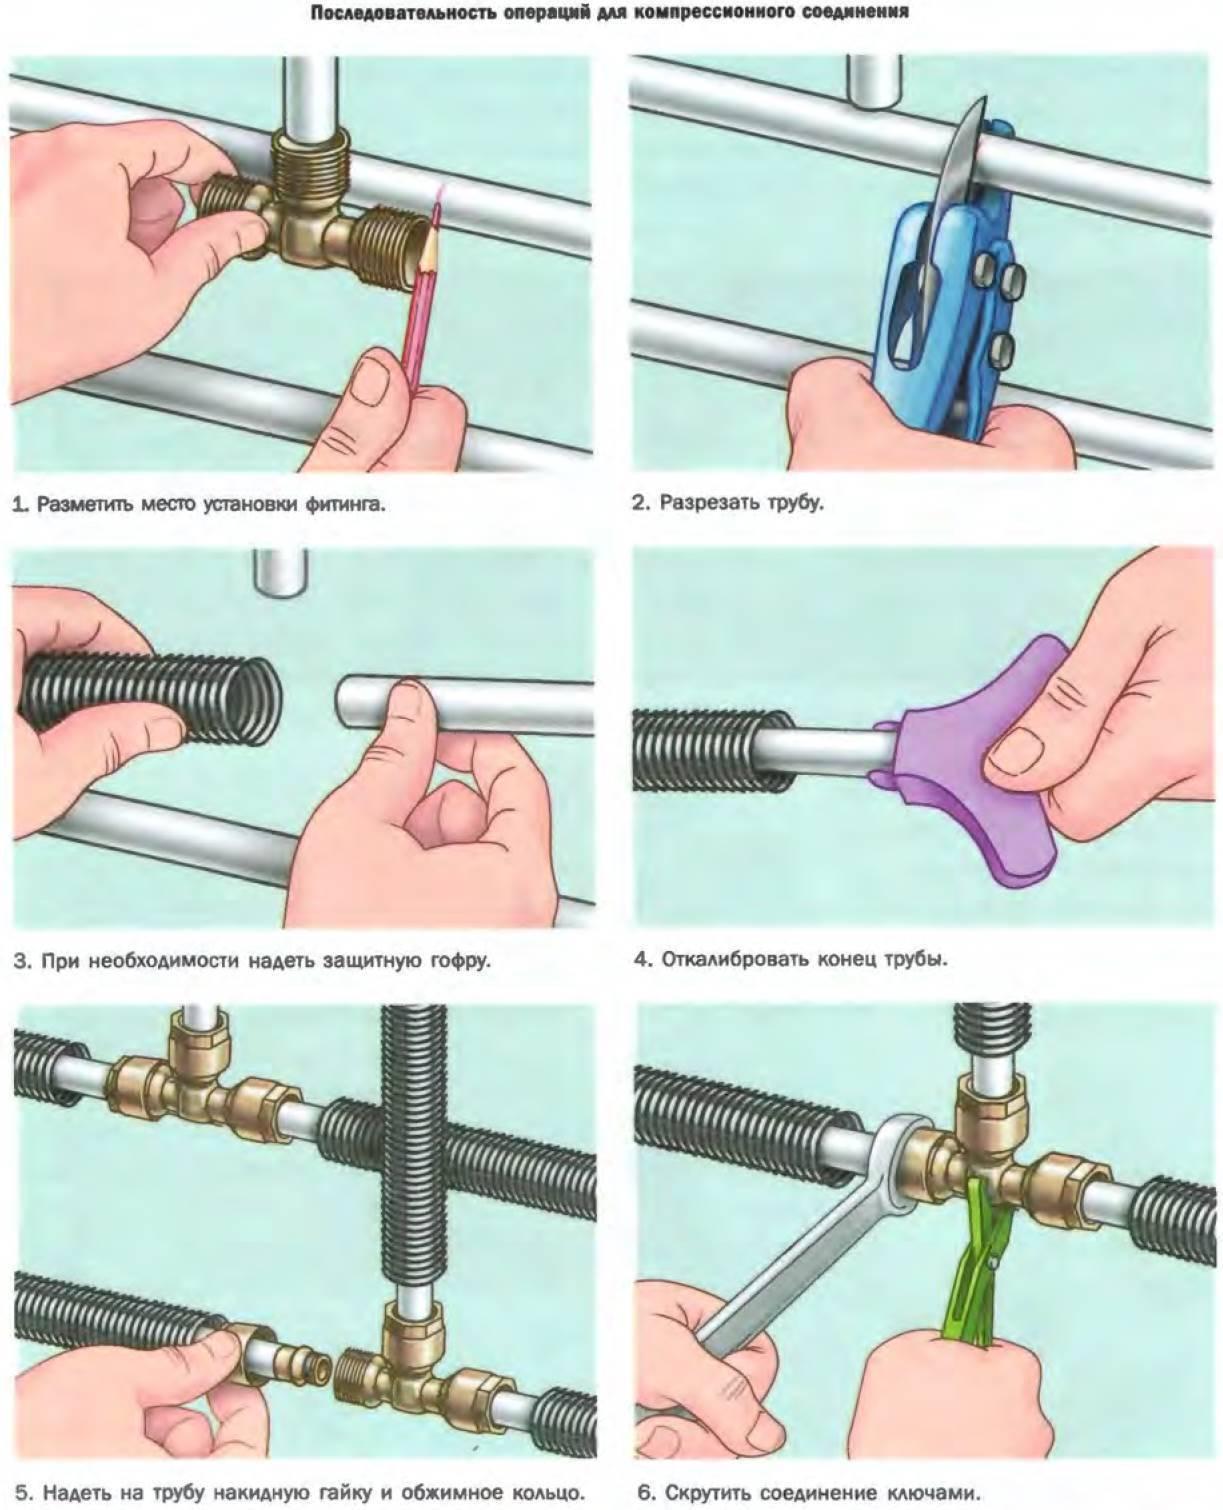 Муфта для соединения труб: муфтовое соединение металлических, пластиковых и других трубопроводов